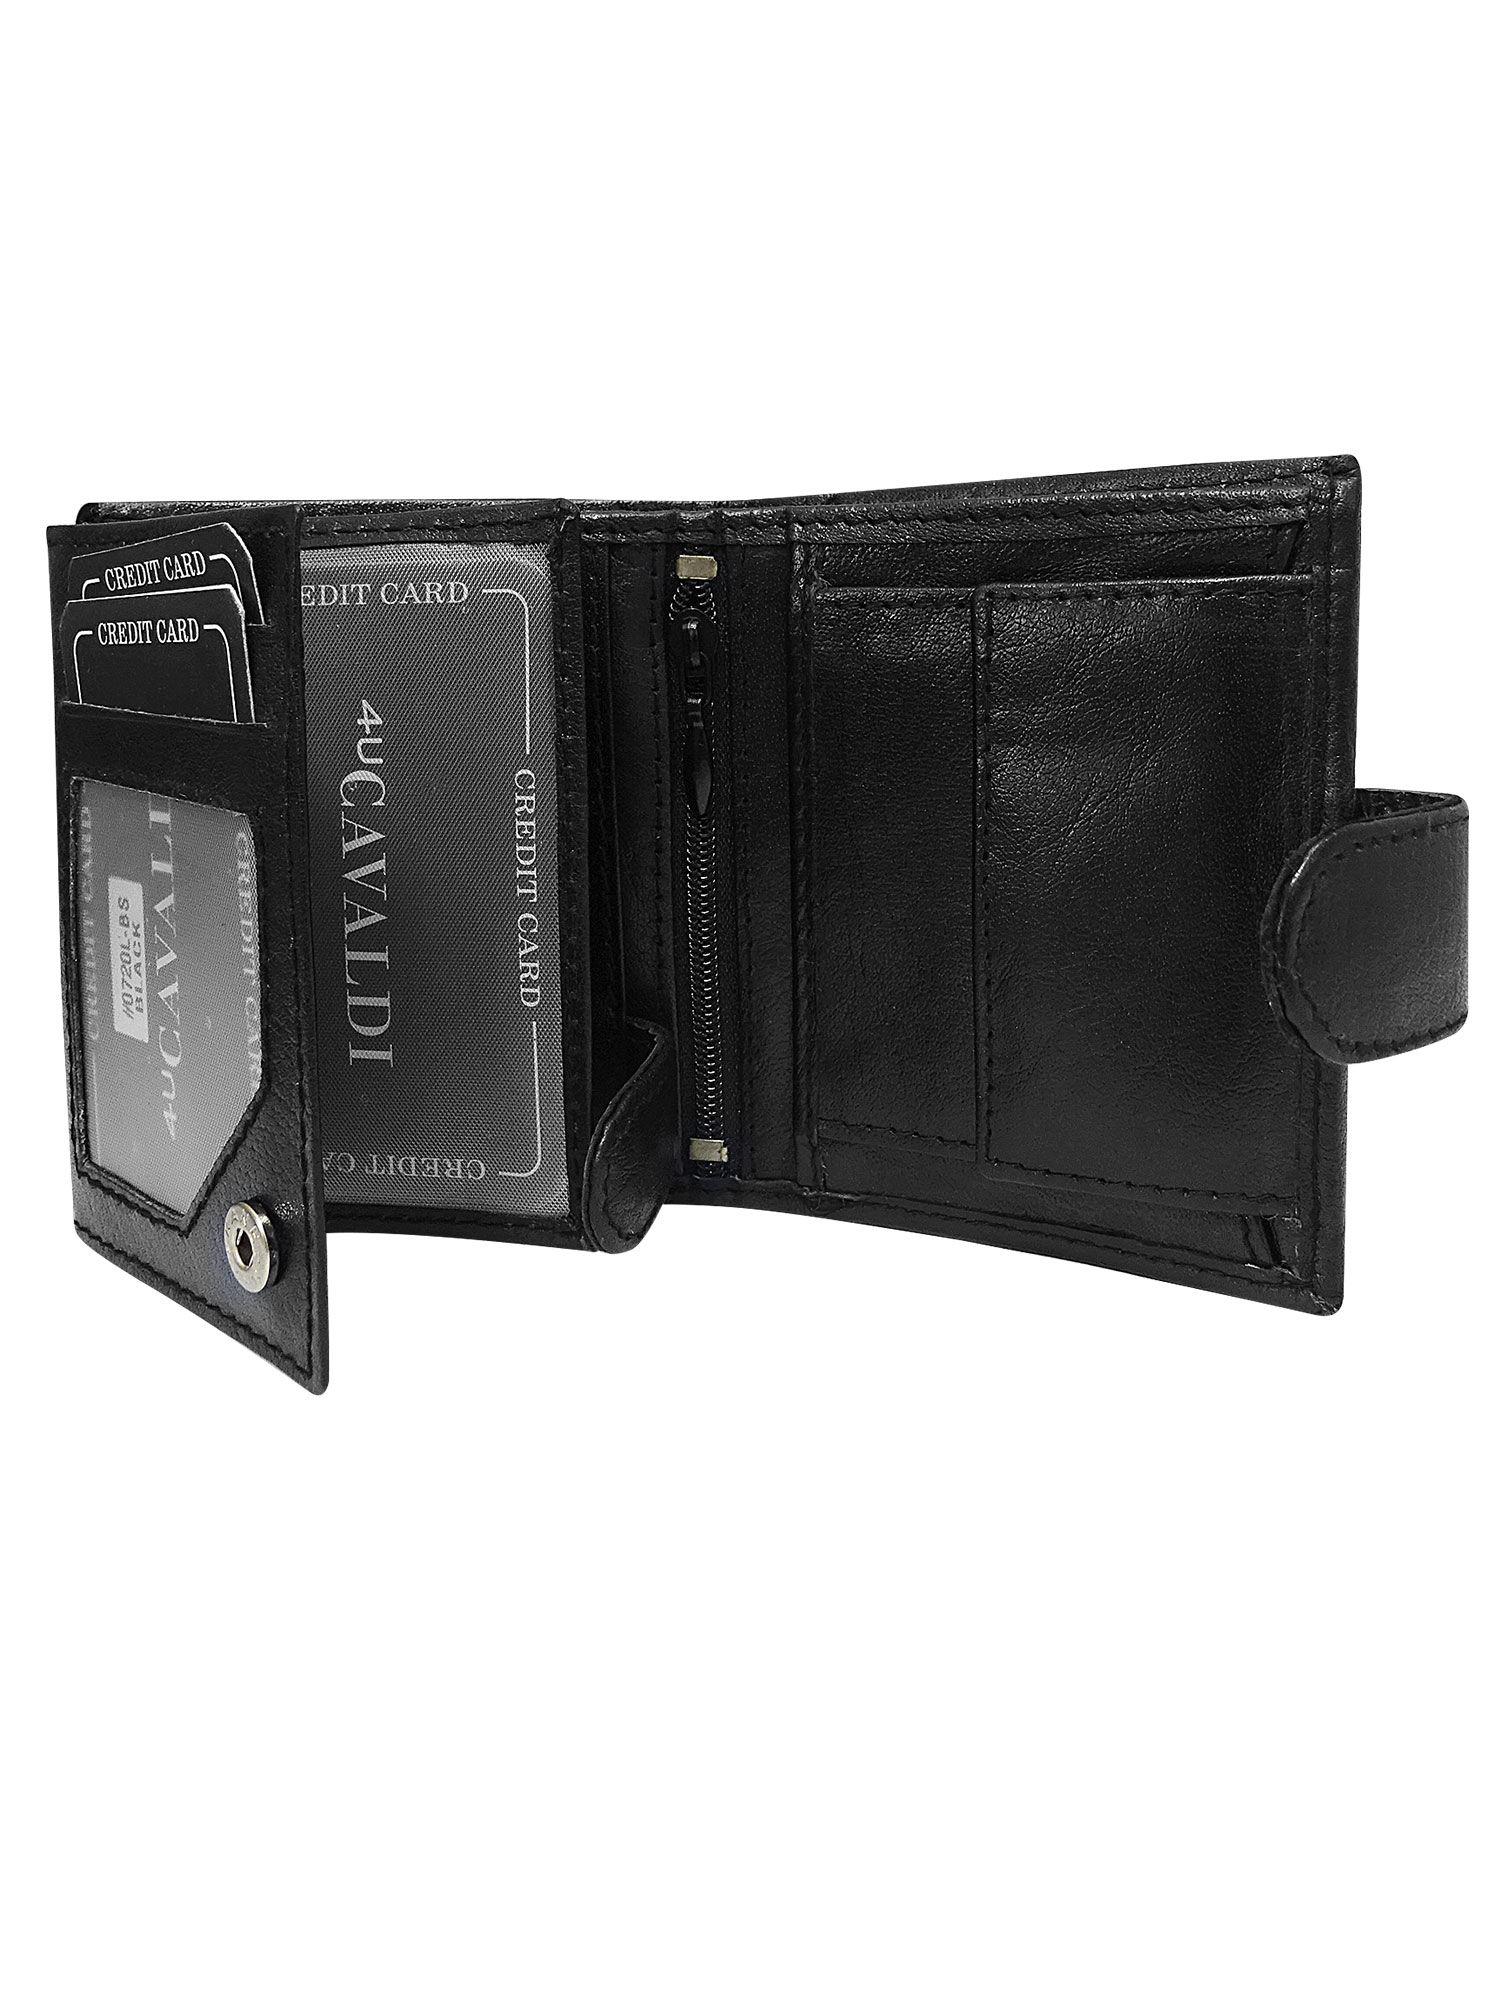 75b3a8ae195f7 Mały skórzany portfel męski czarny - Mężczyźni portfel męski - sklep ...